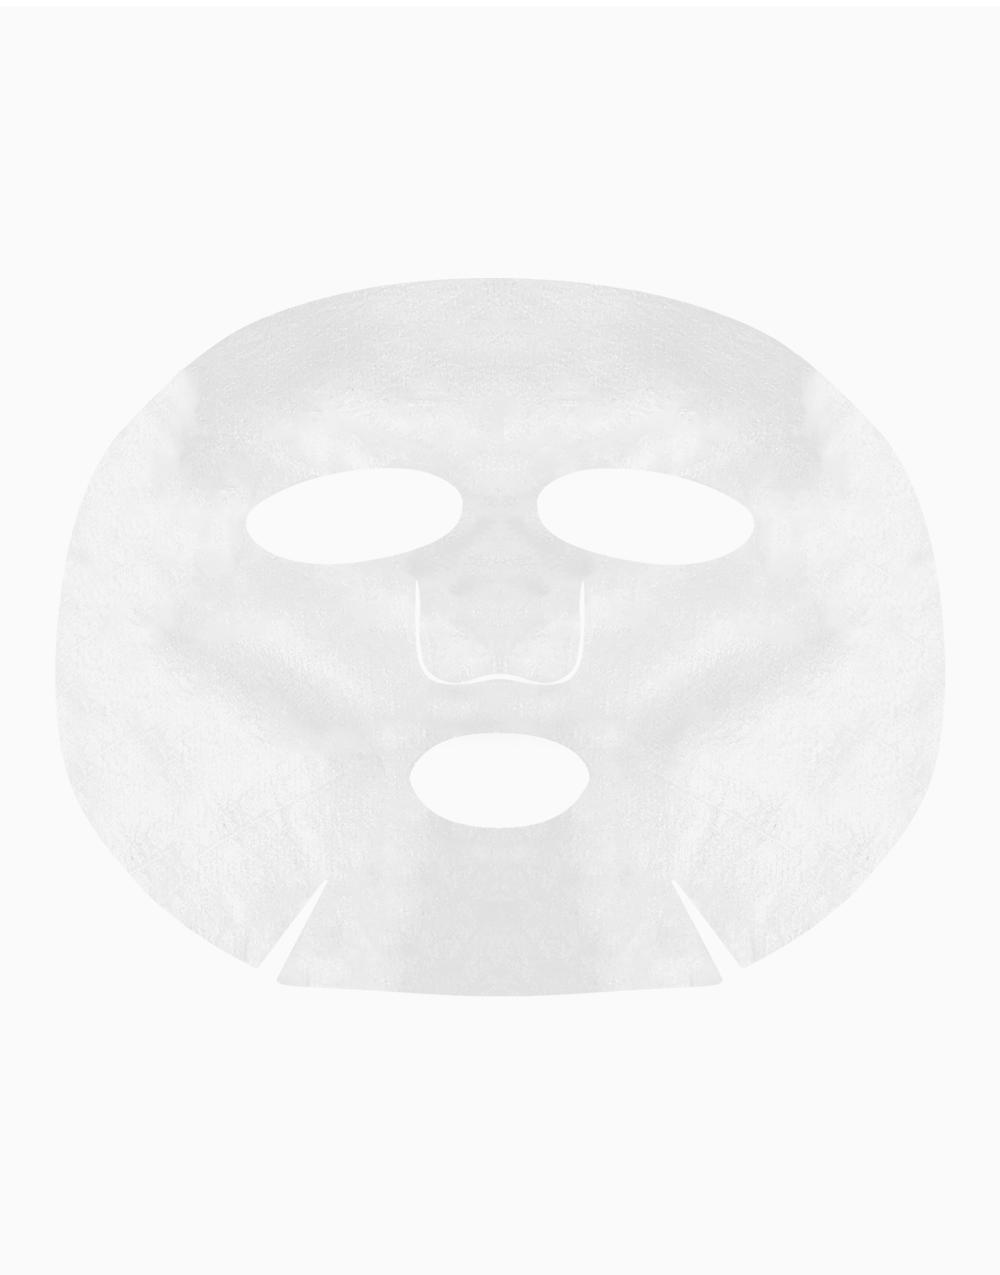 Pure Skin Collagen Essence Mask Sheet by Esfolio